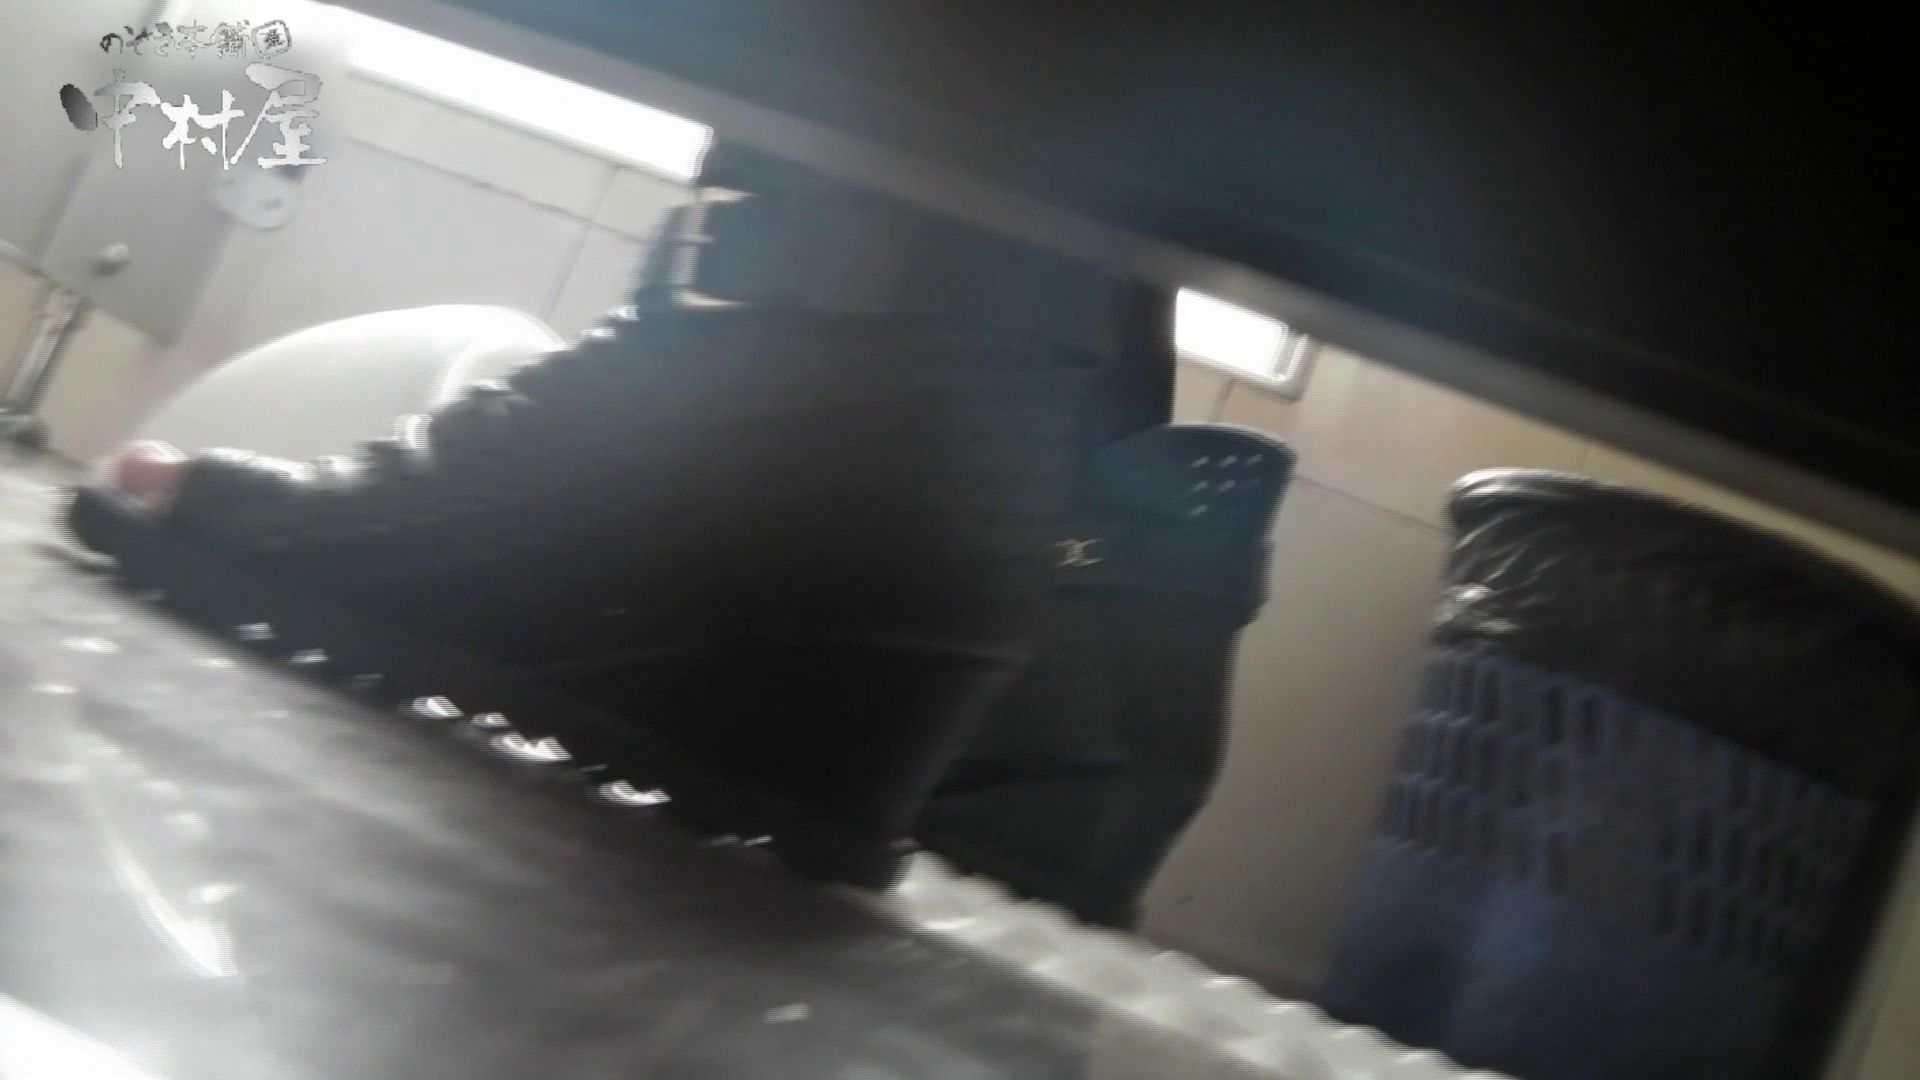 【世界の射窓から~ステーション編~】ステーション編 vol52 我慢して個室に入ったら。||:-)!! 盗撮特集 | おまんこ  79画像 48